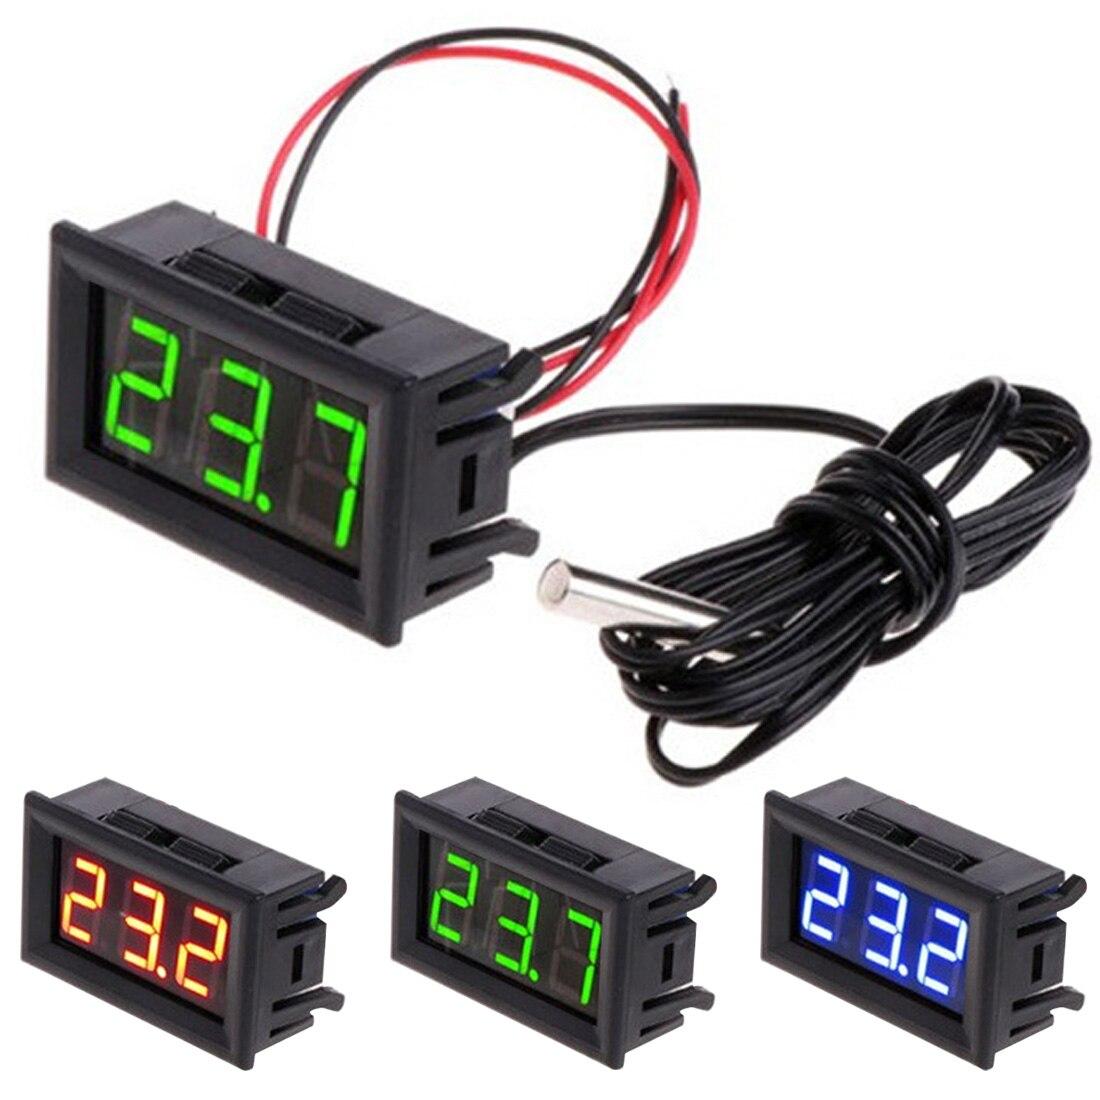 Nouveau-50 ~ 110 degrés DC 5-12V thermomètre à LED numérique moniteur de température de voiture panneau mètre de haute qualité